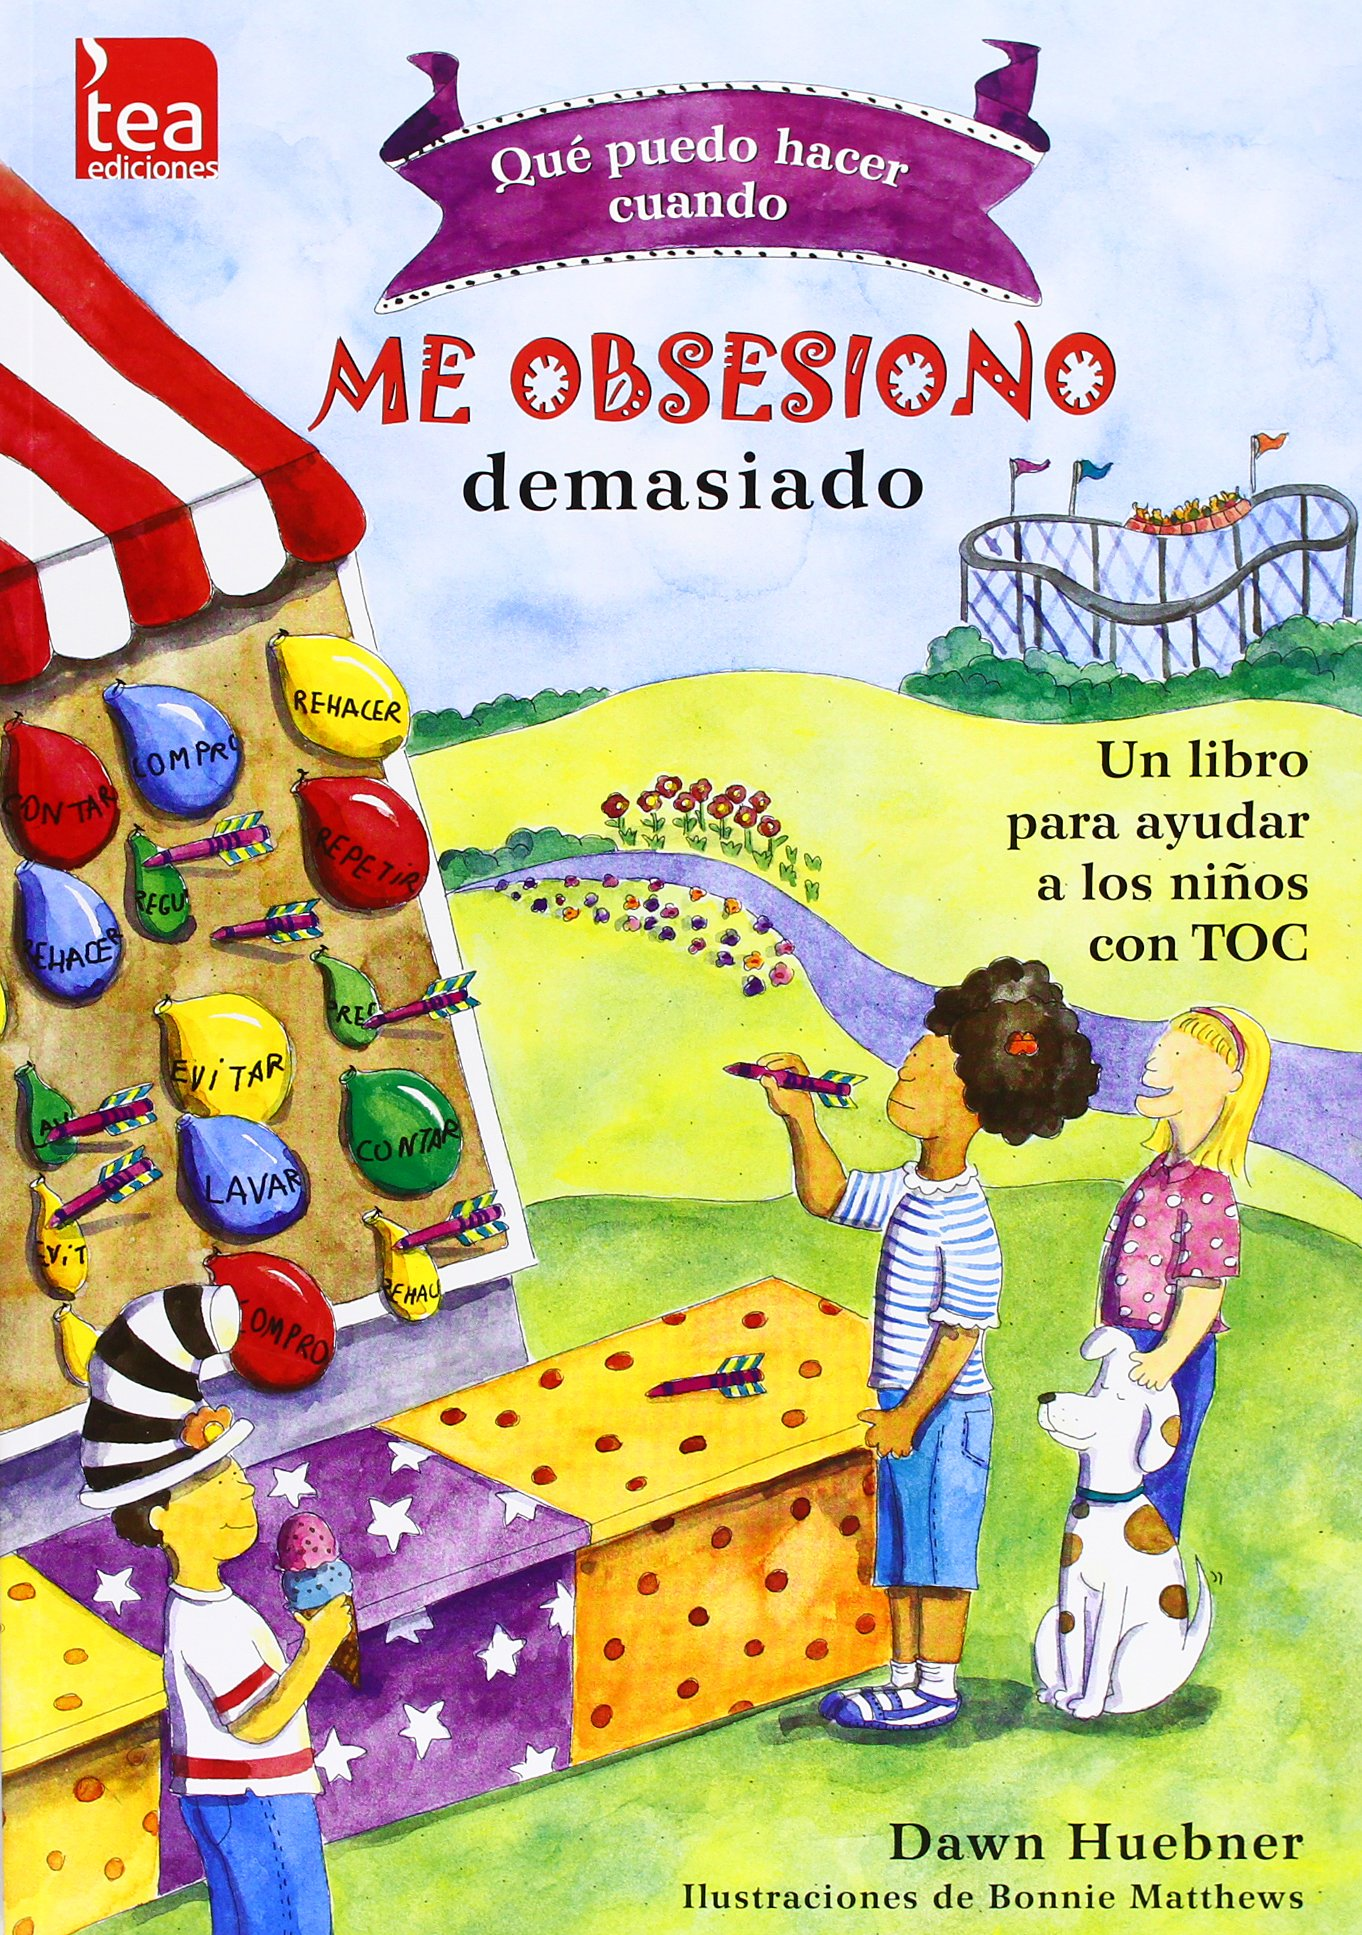 Qué puedo hacer cuando me obsesiono demasiado?: Un libro para ayudar a los niños con TOC: Amazon.es: Huebner, Dawn, Matthews, Bonnie, Sánchez Sánchez, Fernando, Sánchez Sánchez, Fernando: Libros